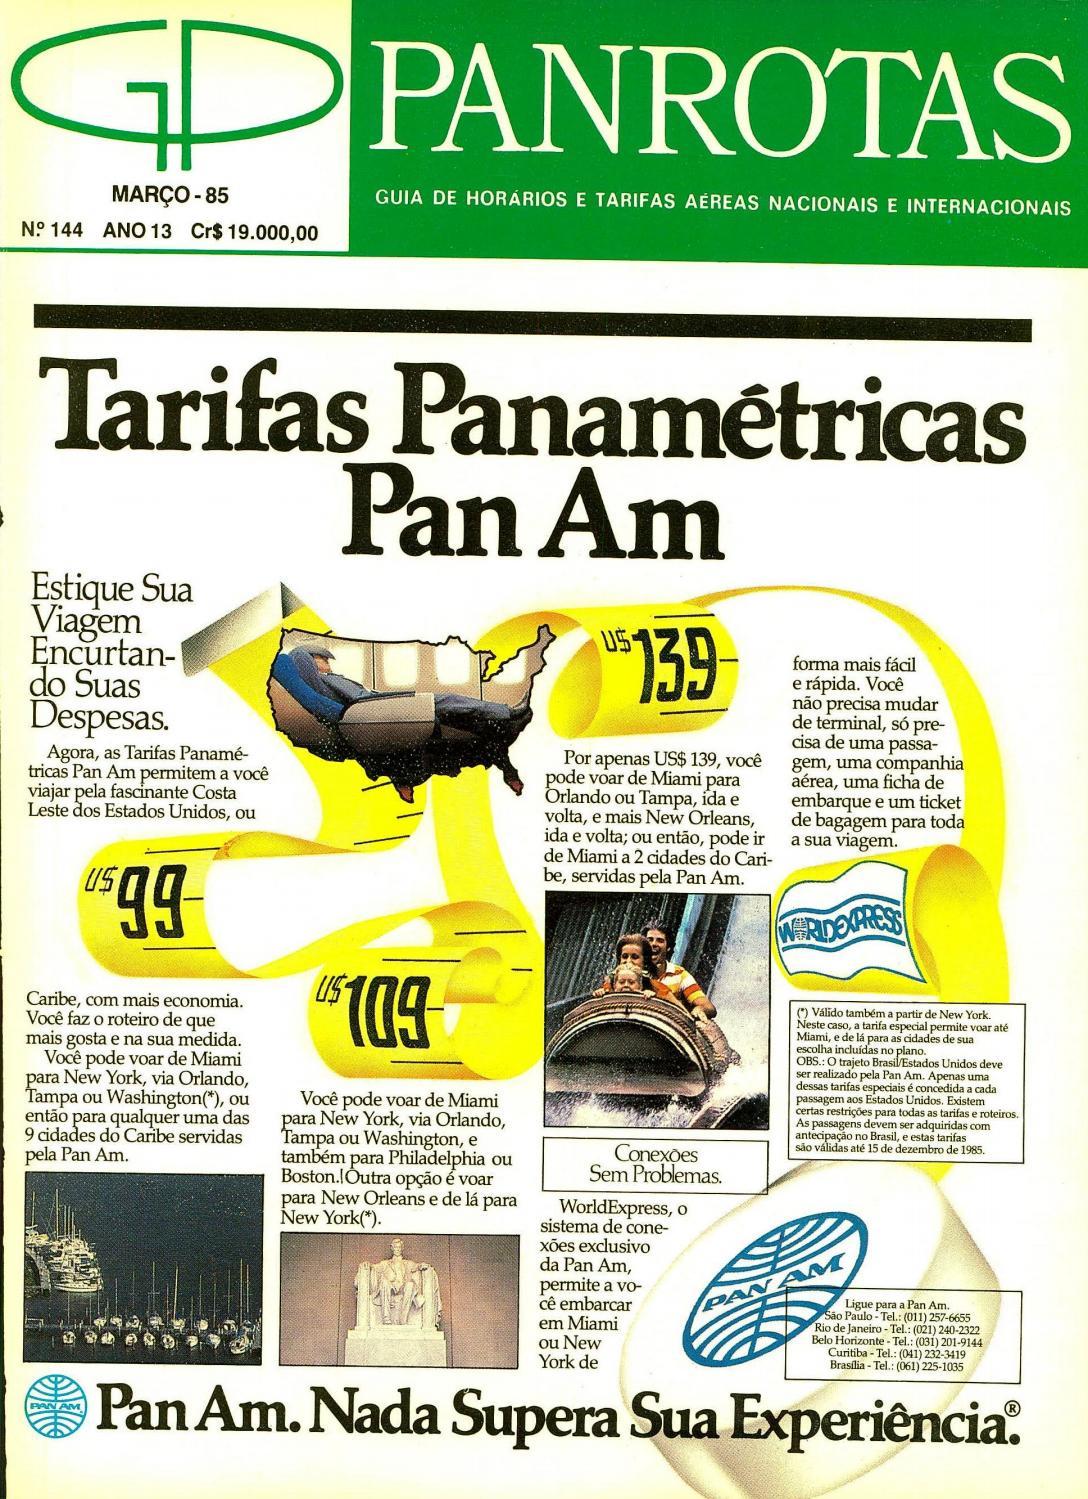 8ed516eb85e Guia PANROTAS - Edição 144 - Março 1985 by PANROTAS Editora - issuu